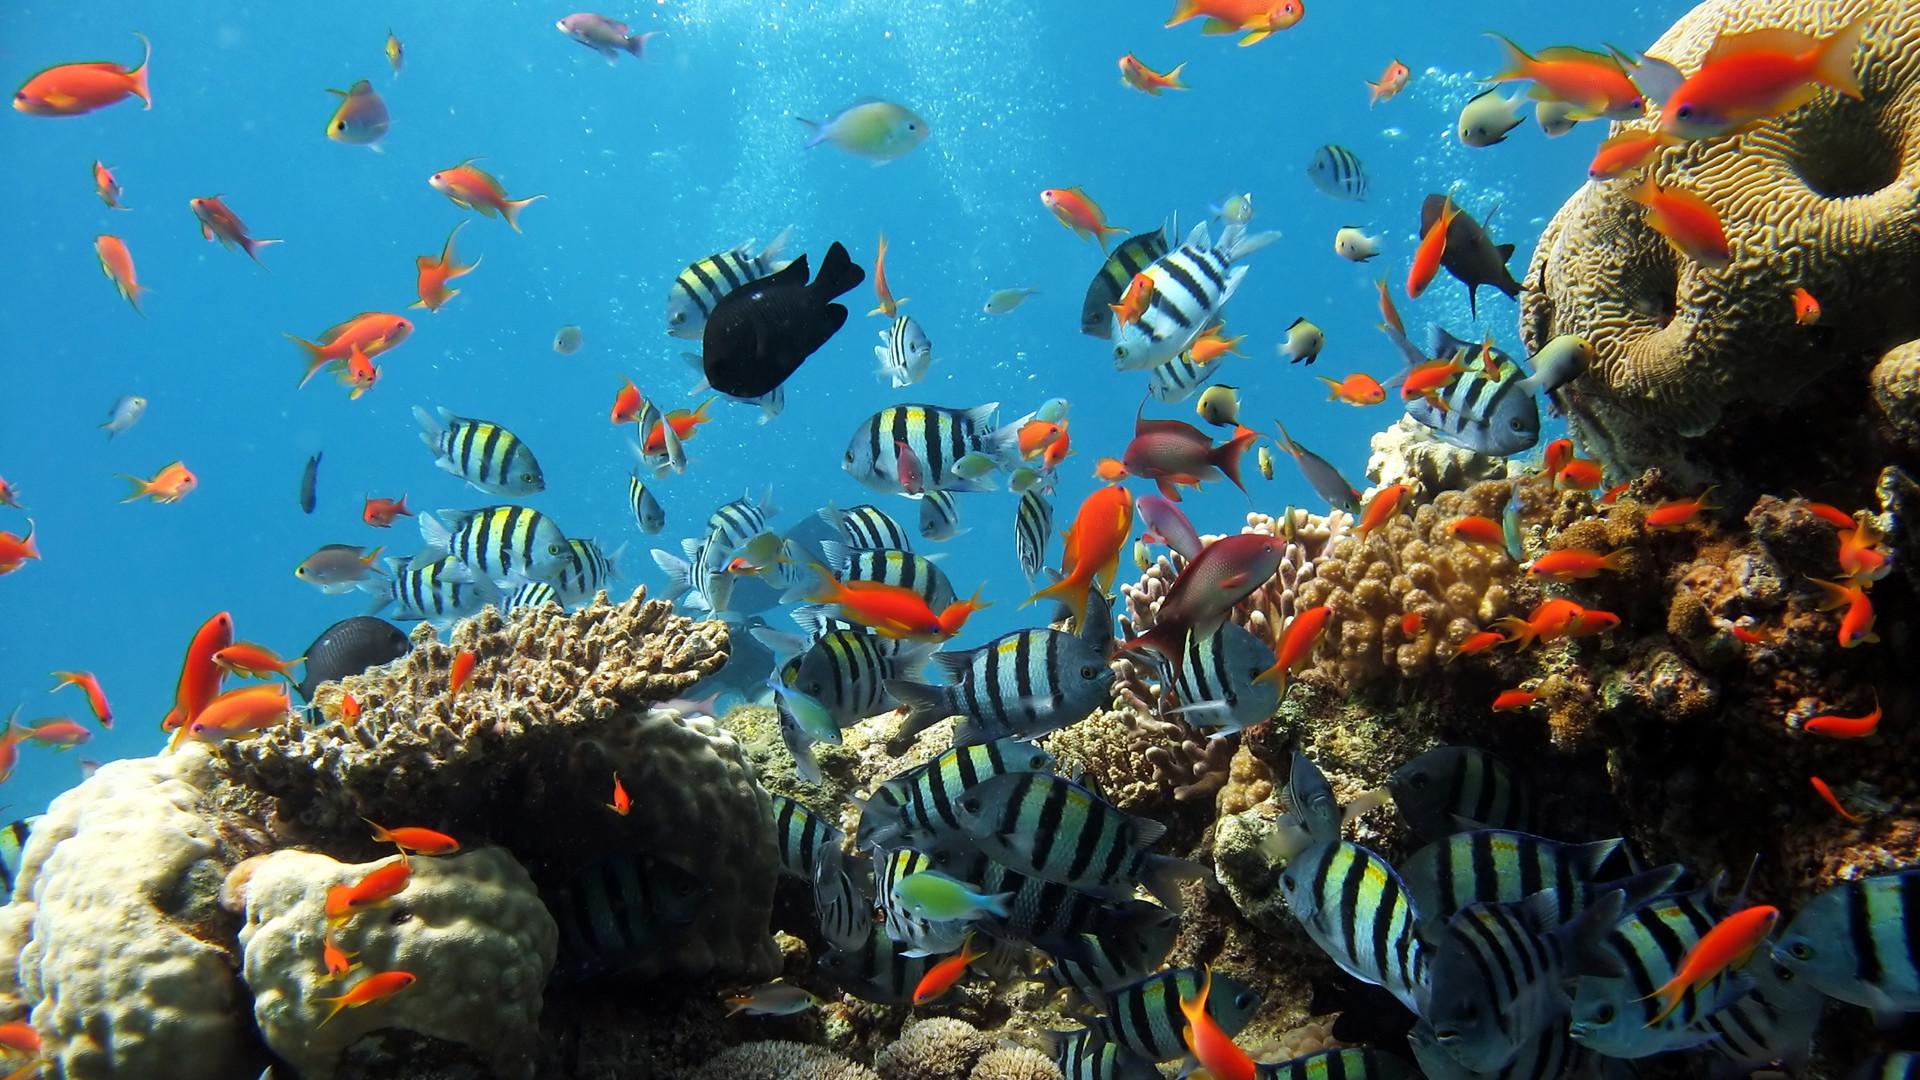 Coral reefs · HD Underwater Widescreen Desktop Wallpapers | underwater full hd  wallpapers underwater pictures underwater .